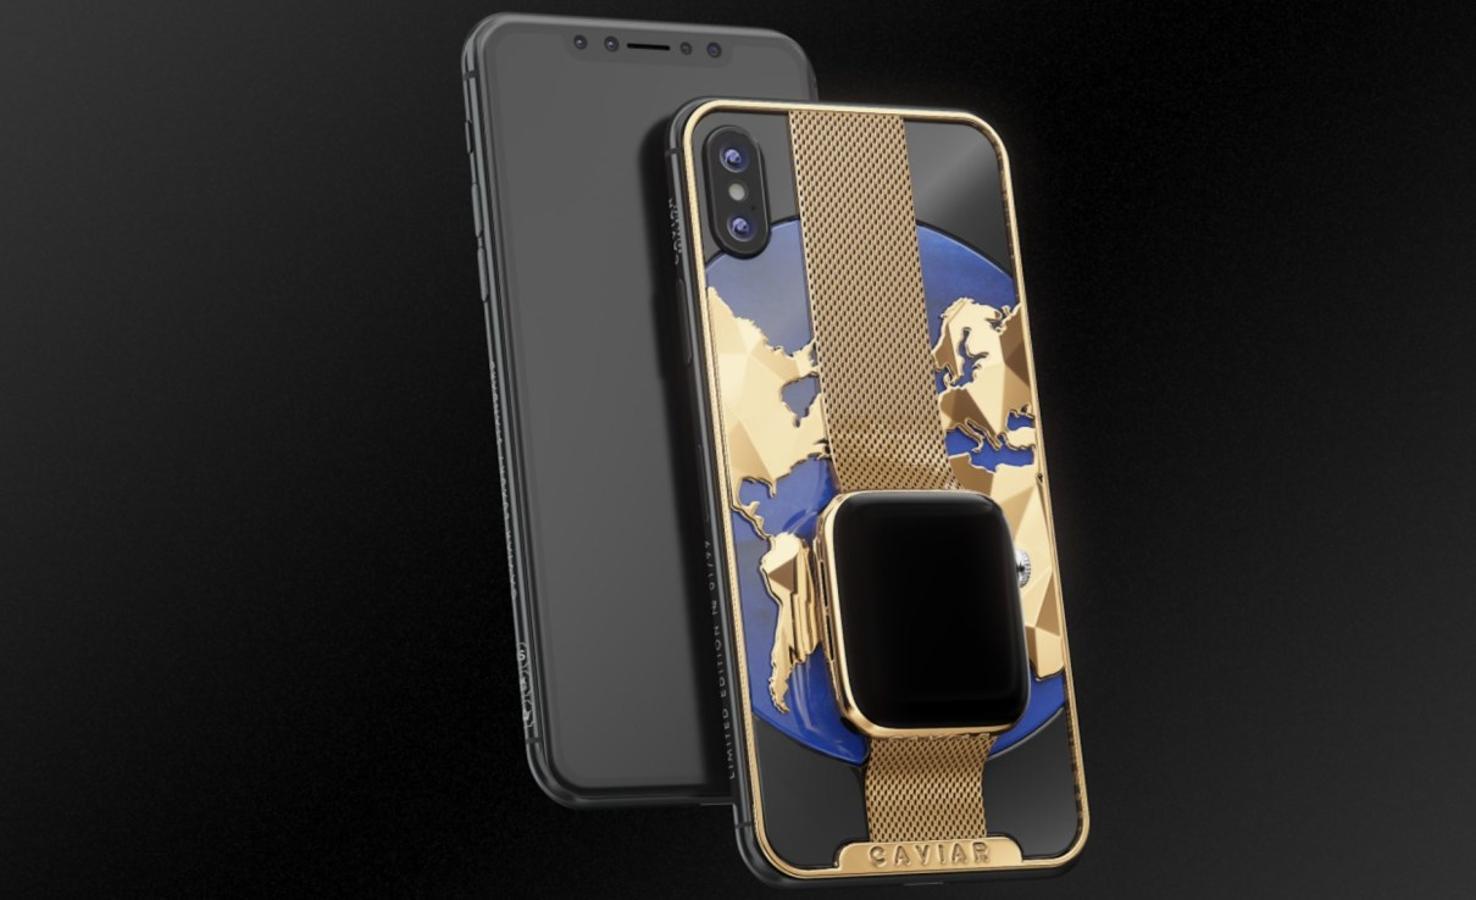 iPhone x Caviar, el smartphone de Apple más caro del mundo